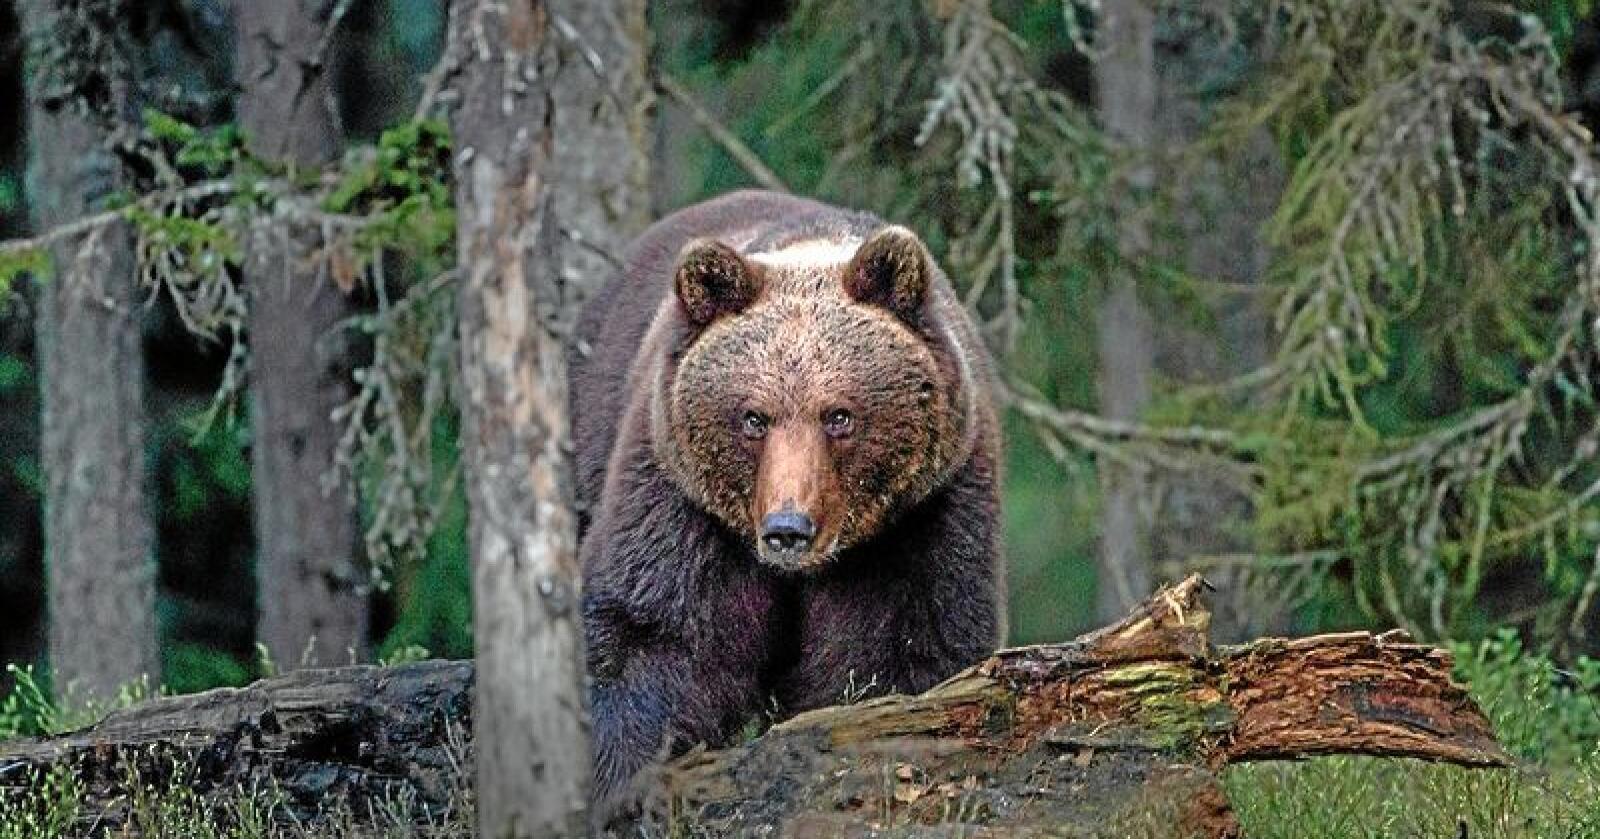 Kjønnsfordelingen mellom bjørner i Norge jevner seg ut, ifølge nye tall fra Rovdata. Foto: Per Harald Olsen (CC BY 2.0)